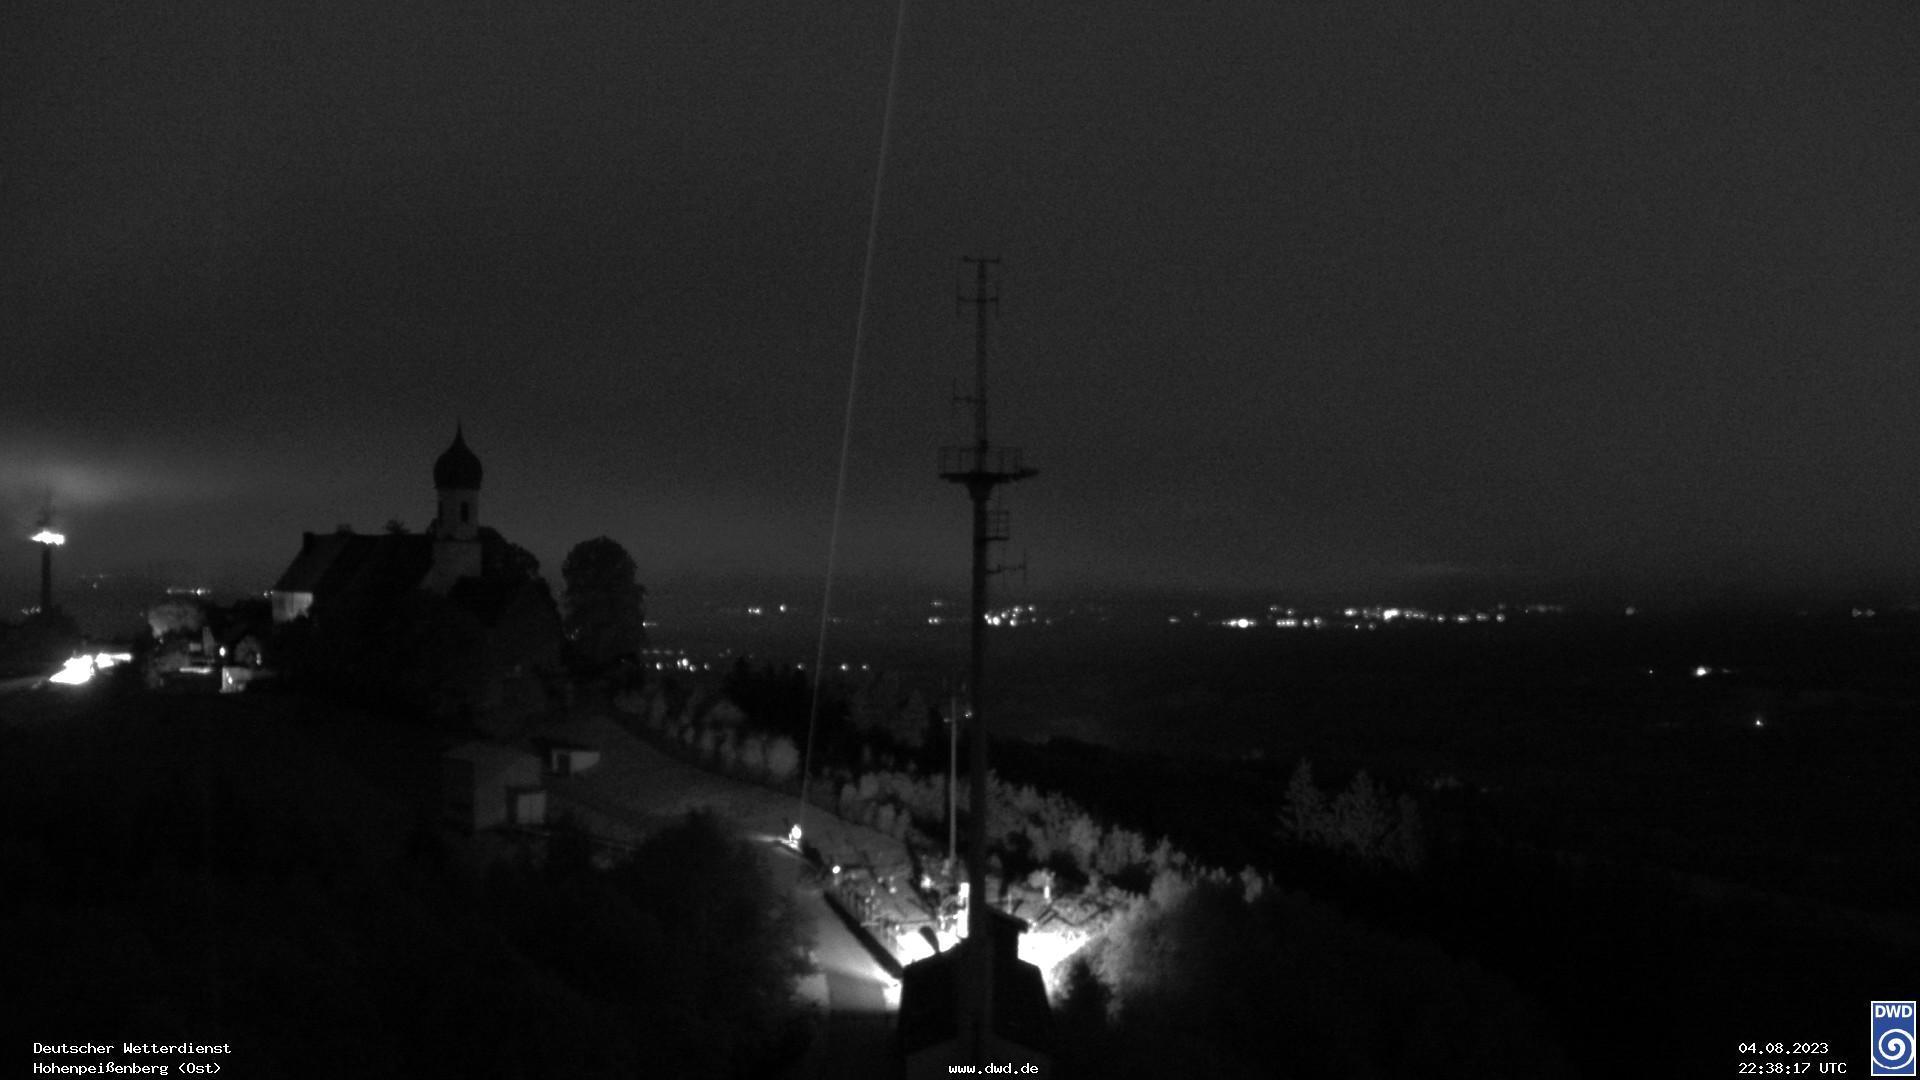 zu den Webcams vom Observatorium Hohenpeißenberg